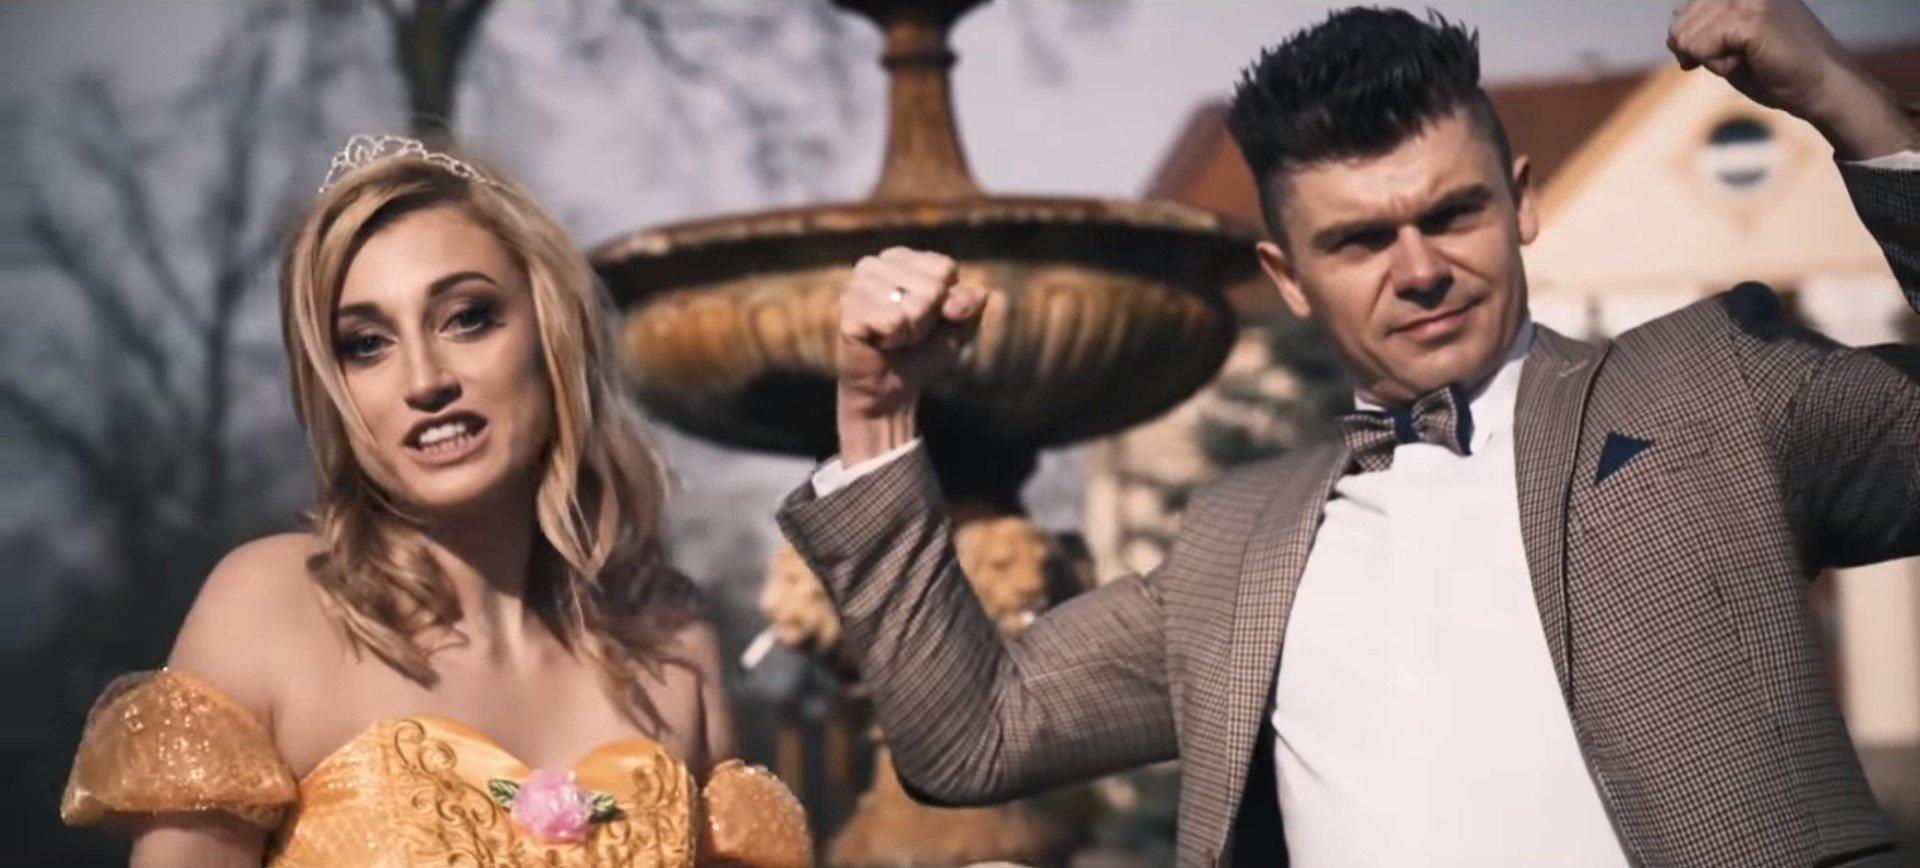 Justyna żyła Wystąpiła W Teledysku Gwiazdy Disco Polo Wideo